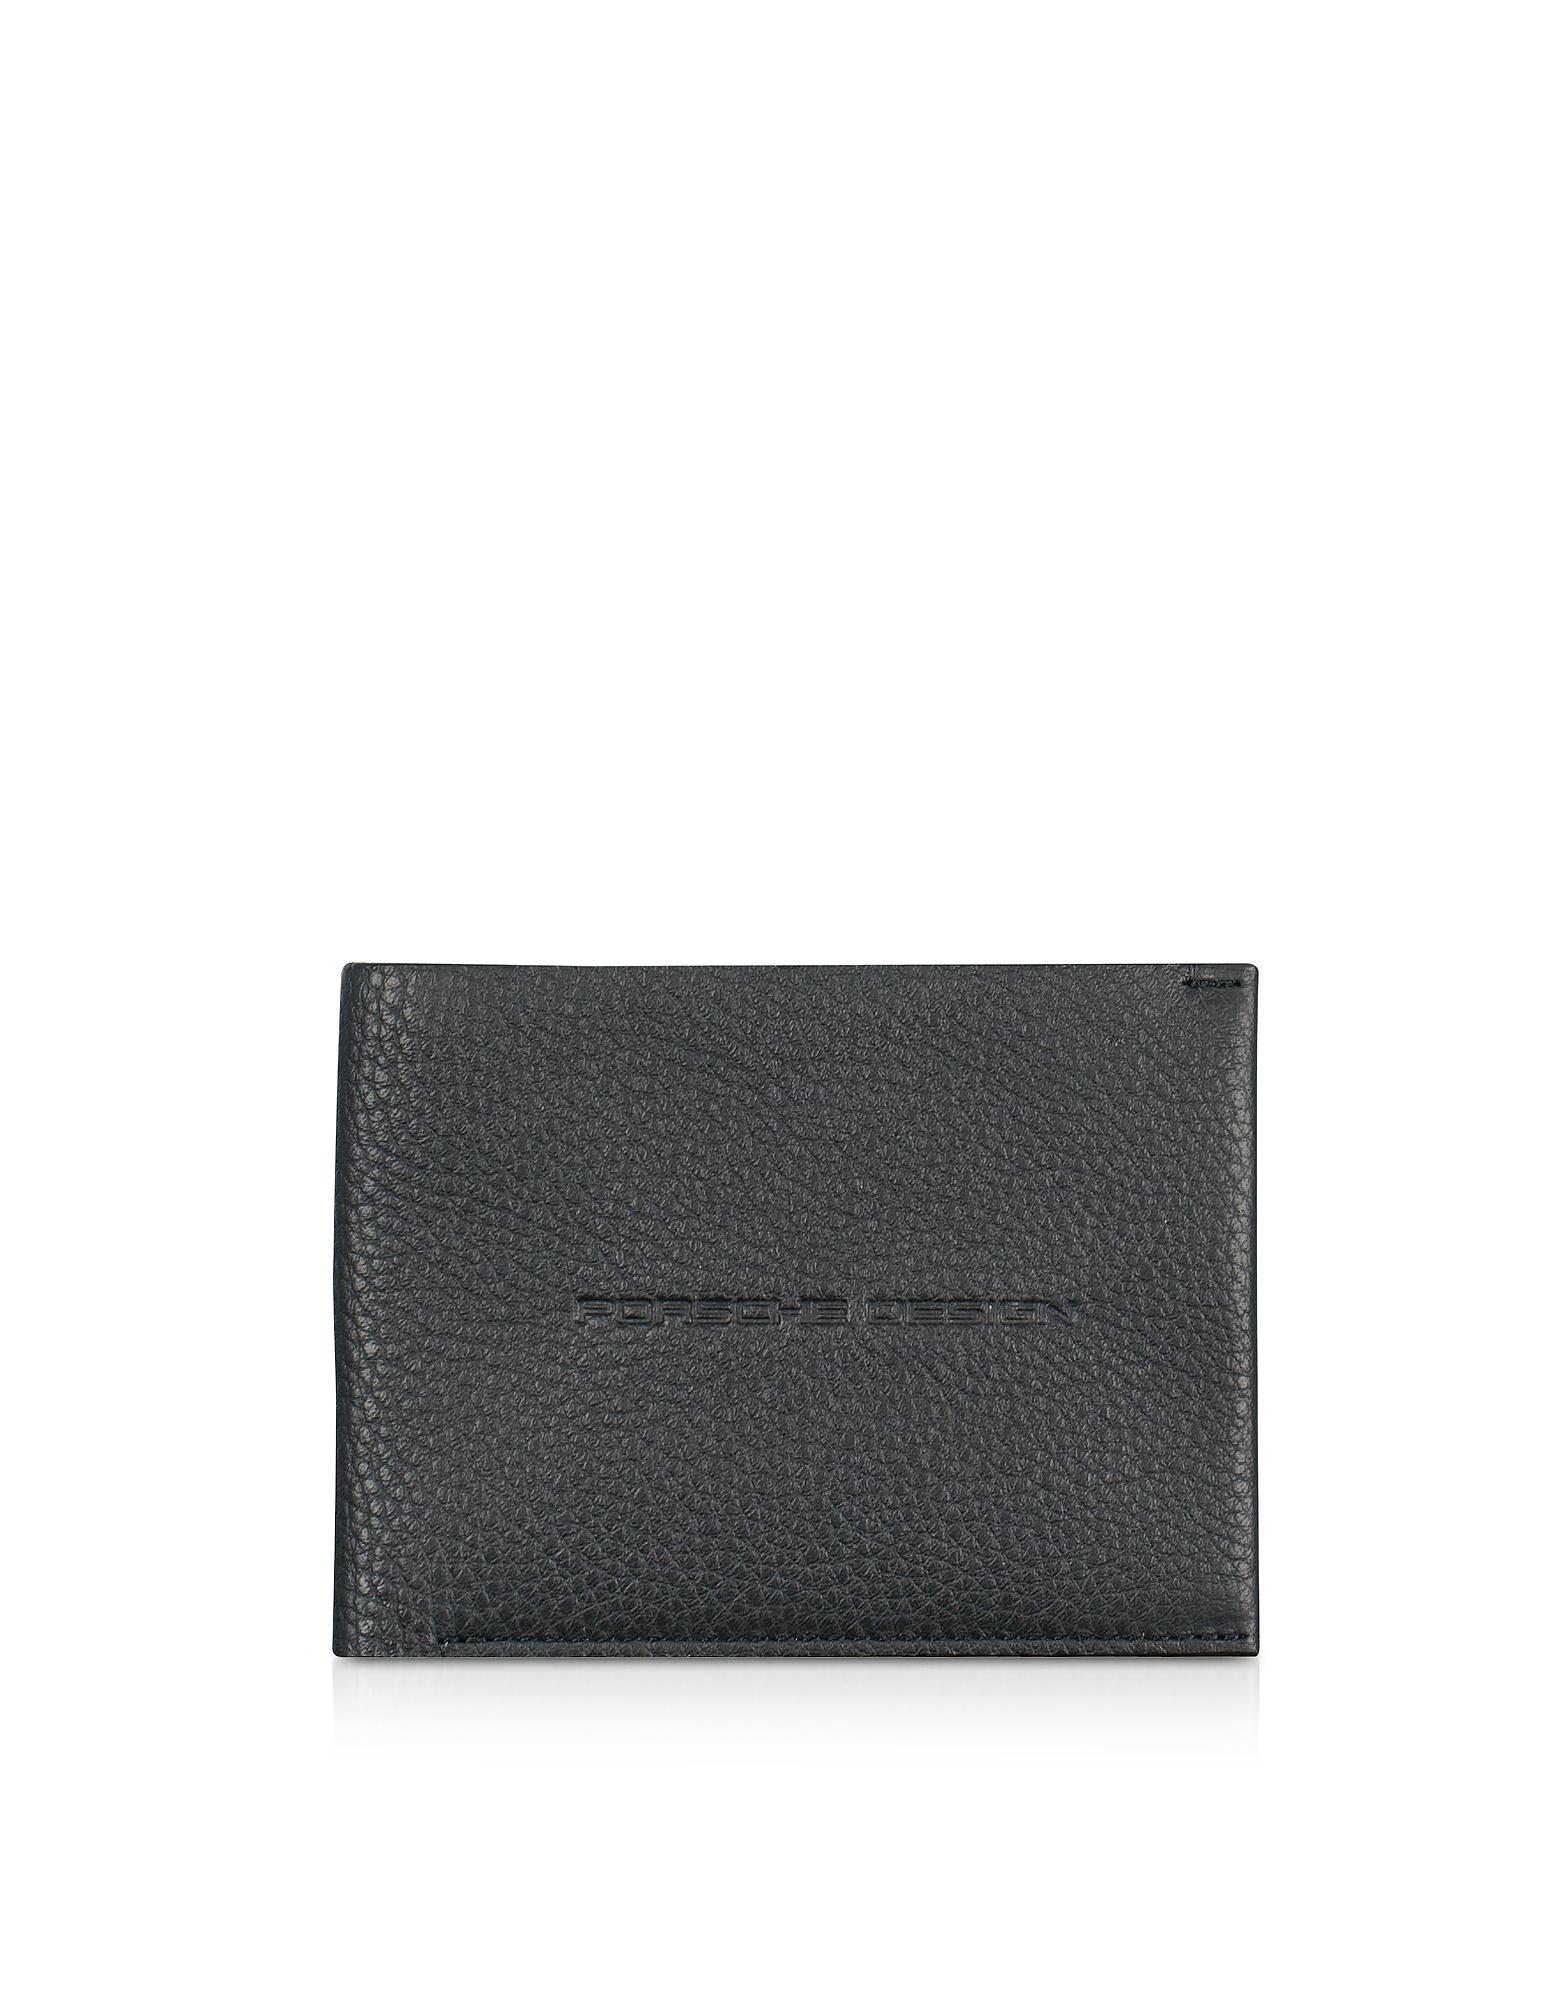 Voyager 2.0 H6 Men's Wallet, Black